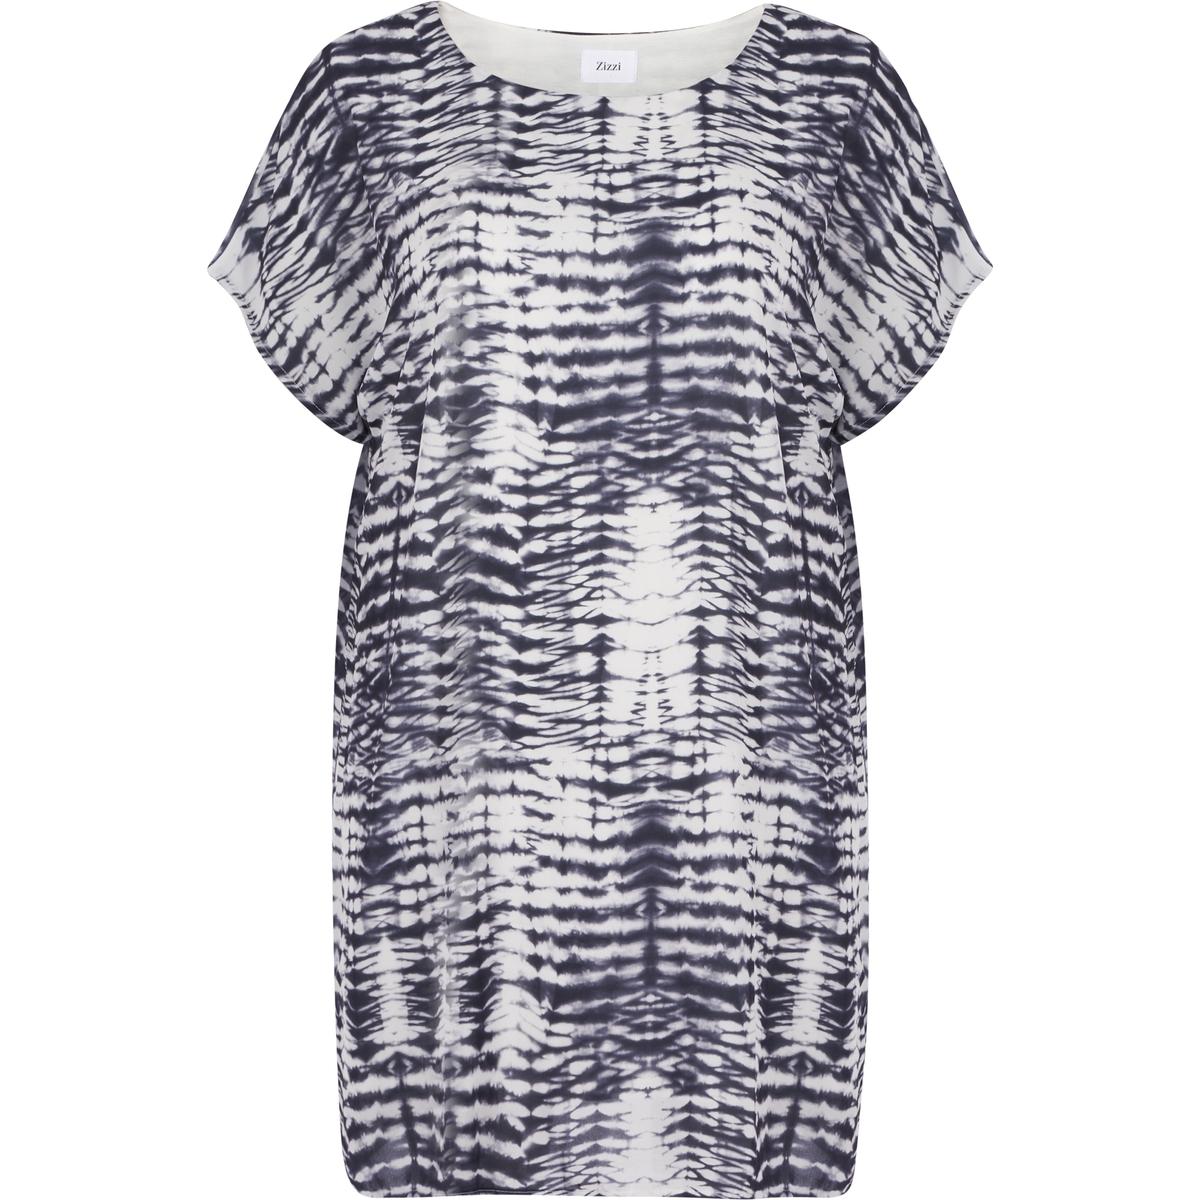 ПлатьеПлатье с рисунком с короткими рукавами ZIZZI. Круглый вырез. 100% вискоза<br><br>Цвет: набивной рисунок